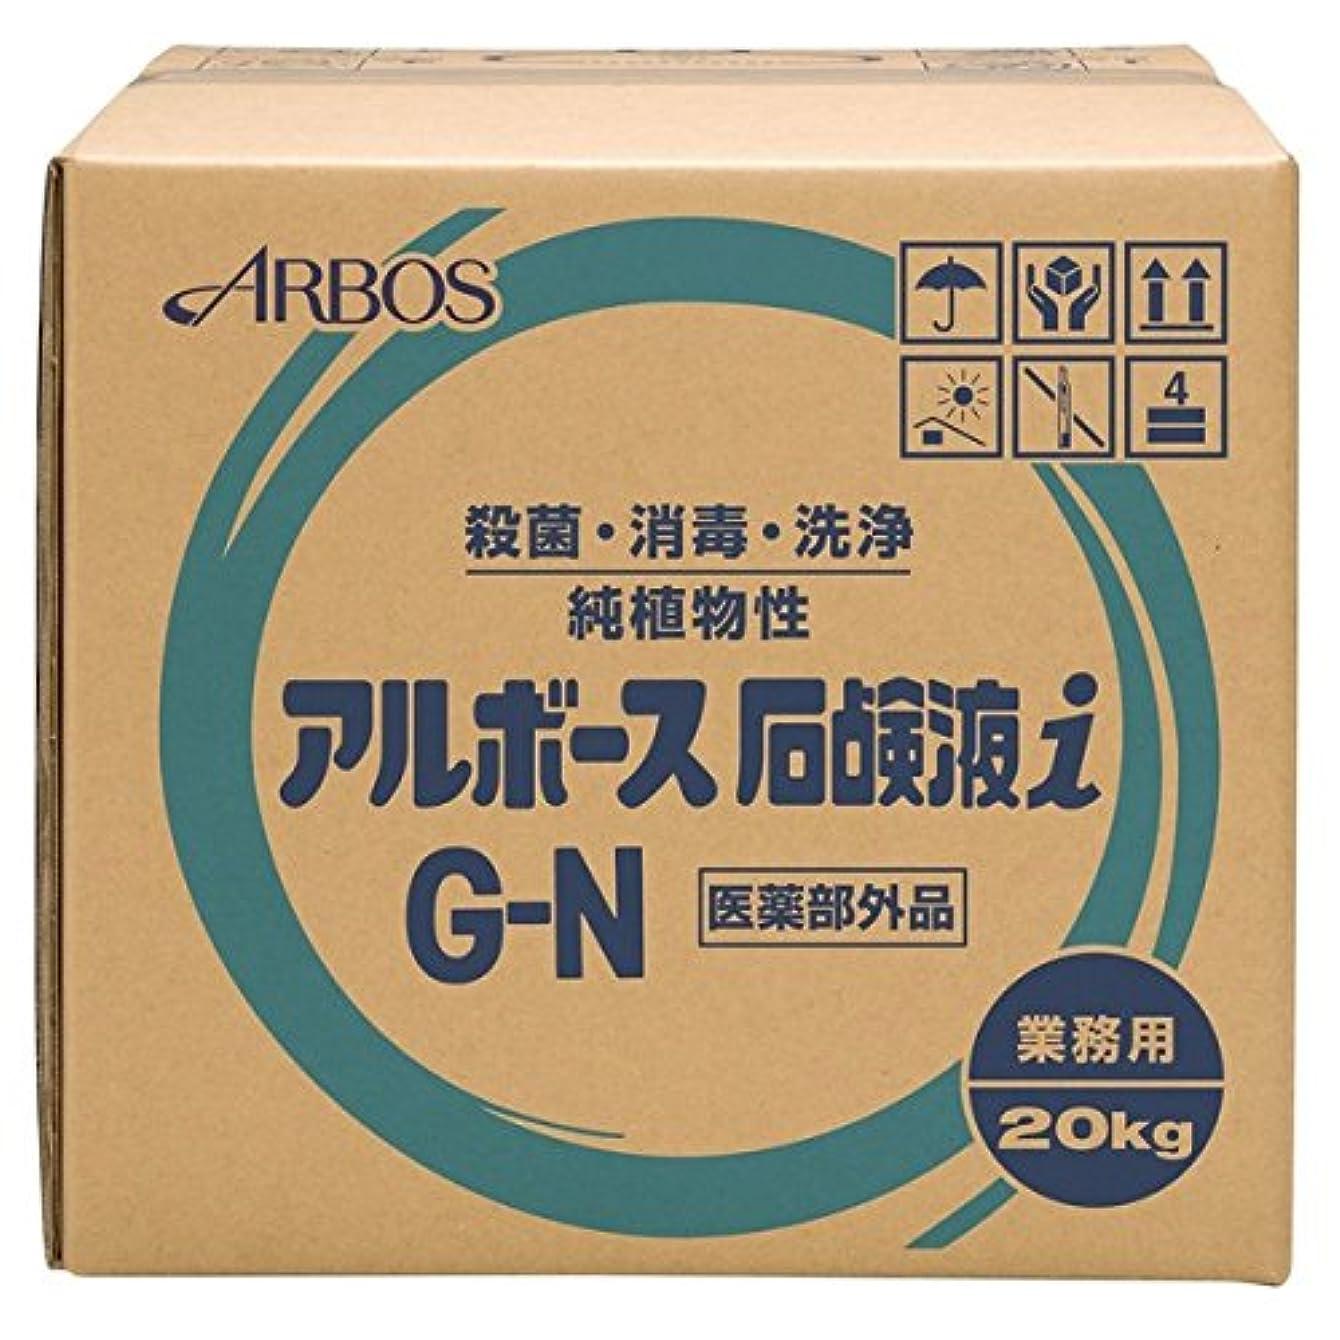 注ぎますピアノ文句を言うアルボース 薬用ハンドソープ アルボース石鹸液i G-N 濃縮タイプ 20kg